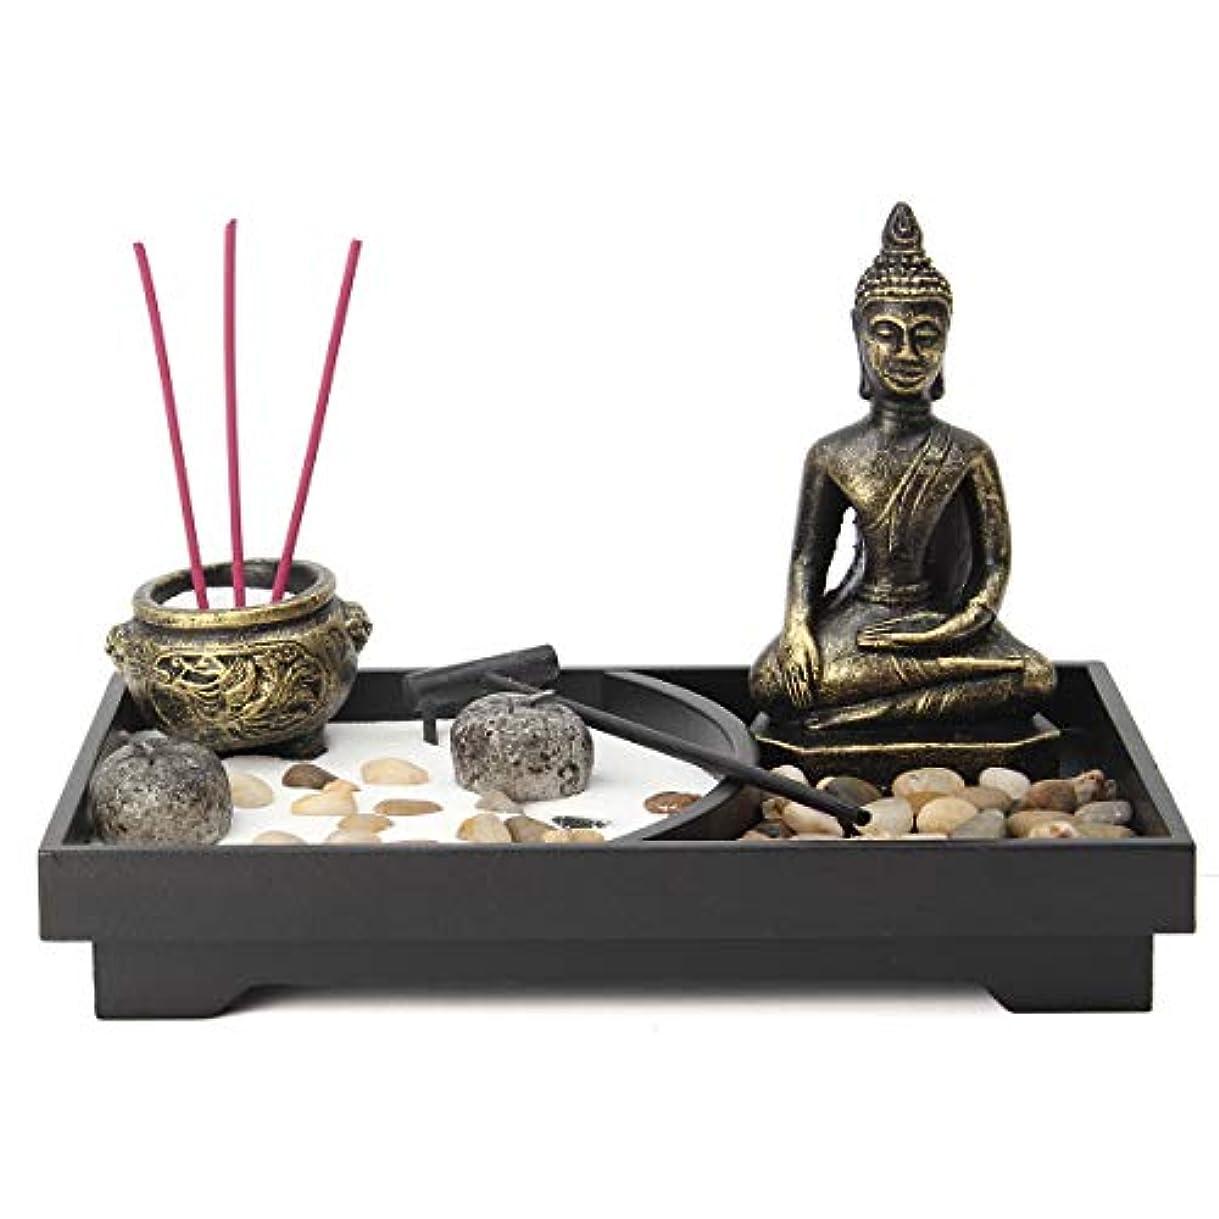 放散する寝る胚jeteven Buddha Statue Incense Holder Mini瞑想Zen Garden withワックス、お香バーナーホルダースティックホームDecor & Handicraft、8.82